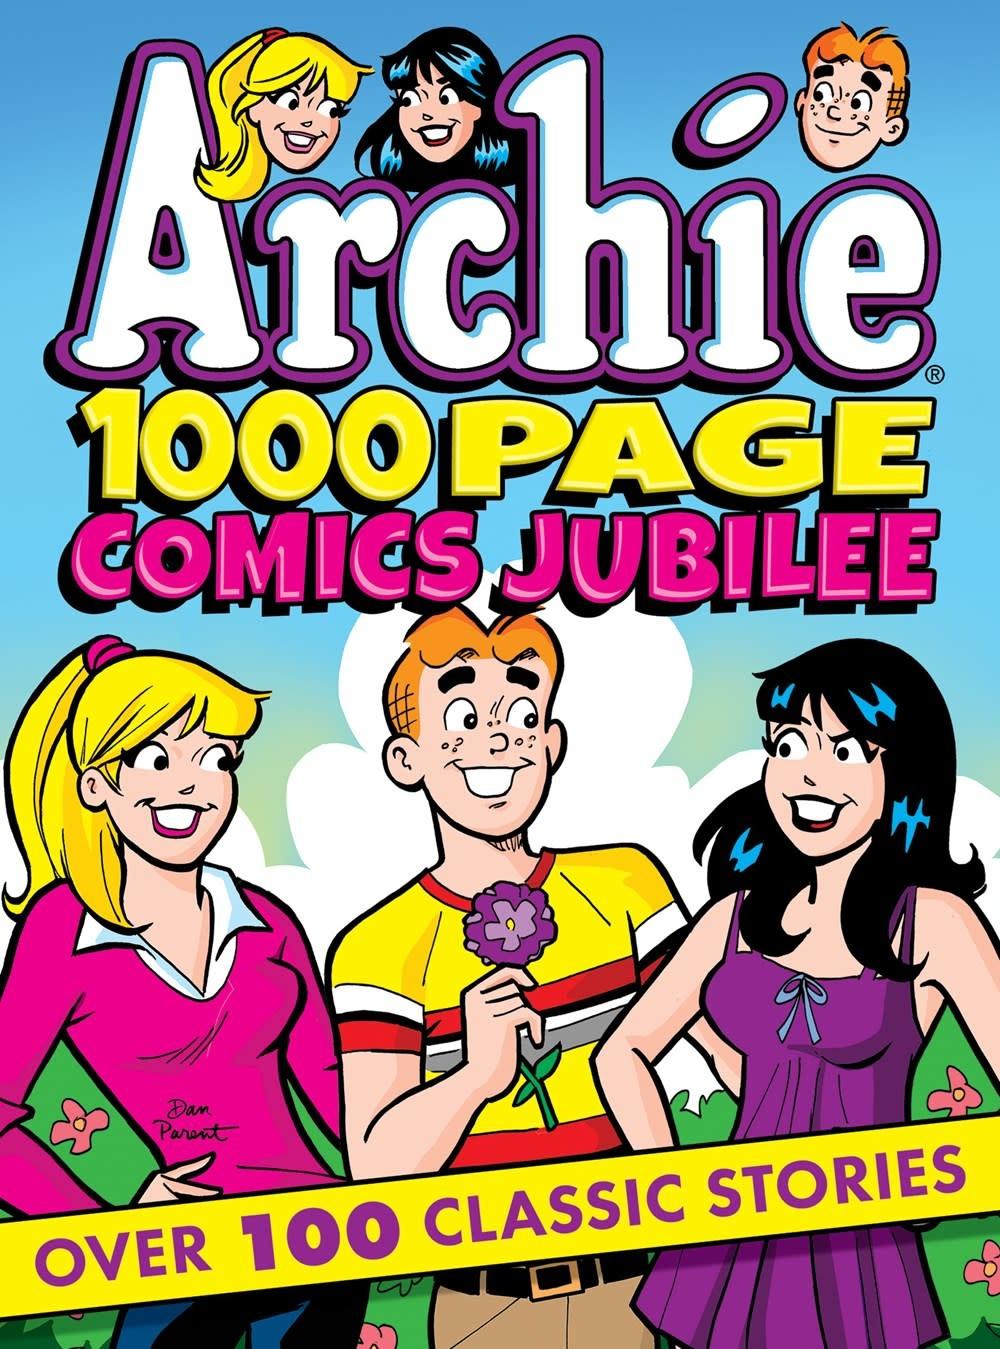 Archie Comics Archie 1000 Page Comics Jubilee